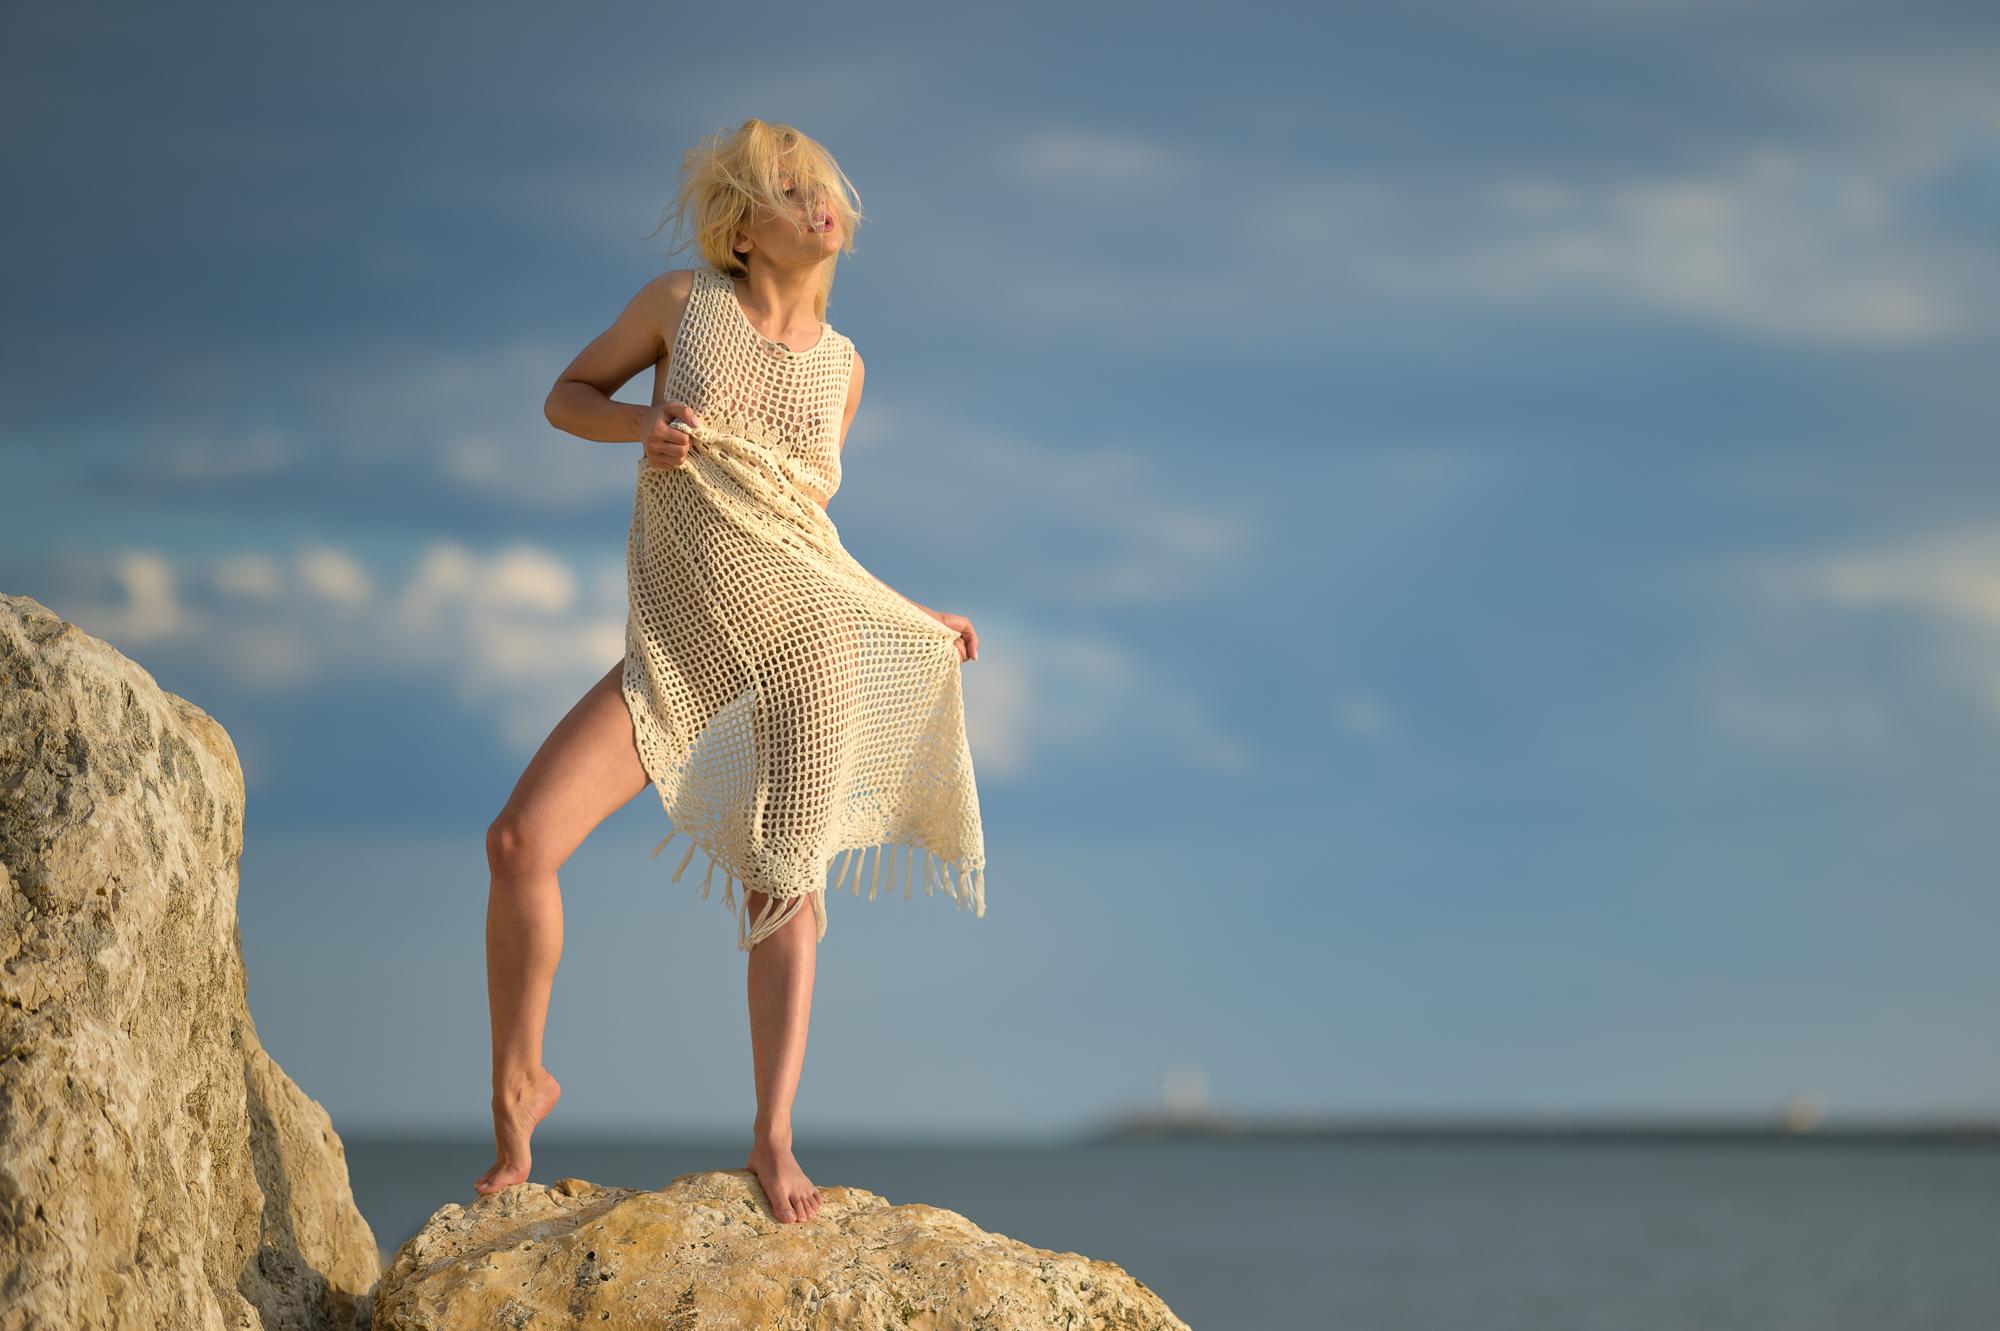 fotograf nud constanta (30)